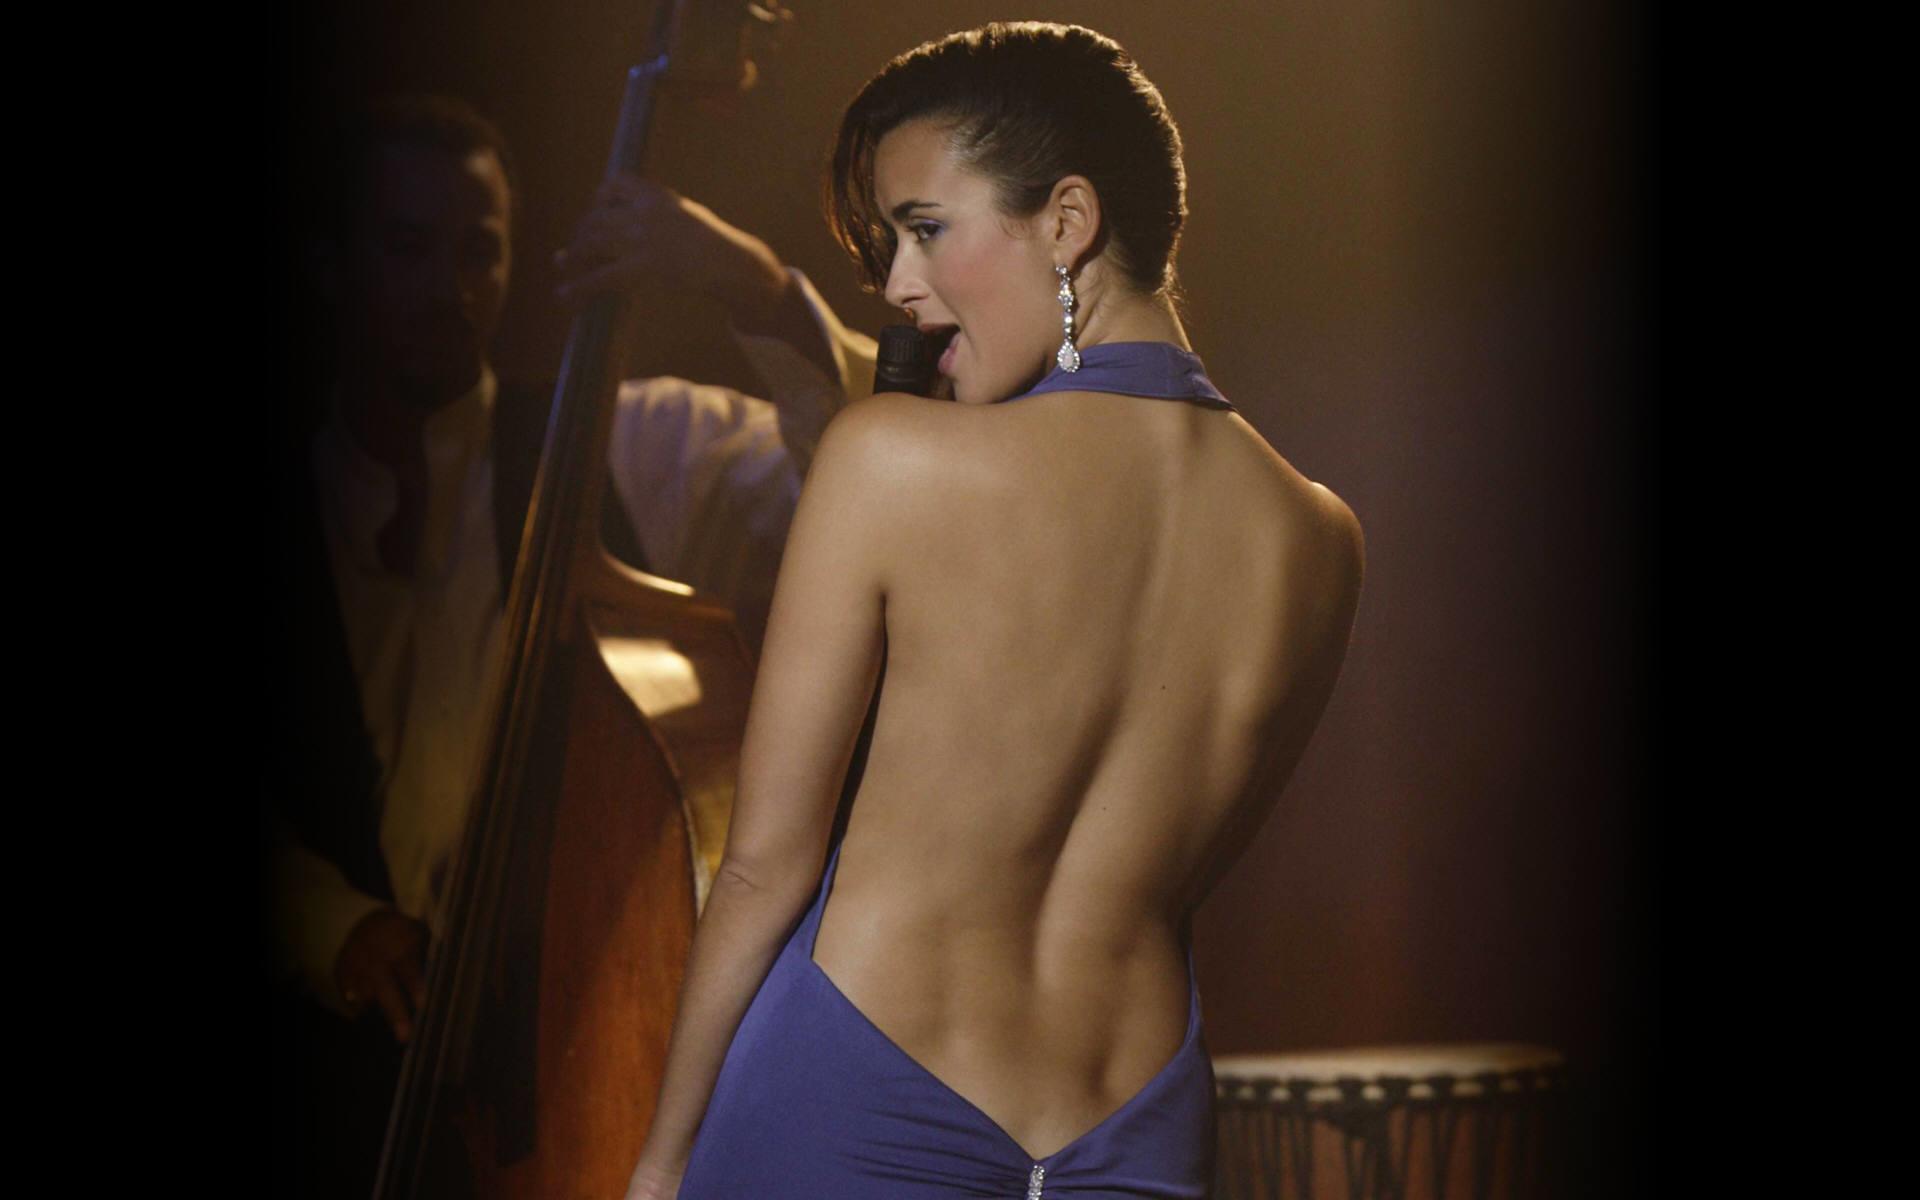 cote de pablo naked pics  606734